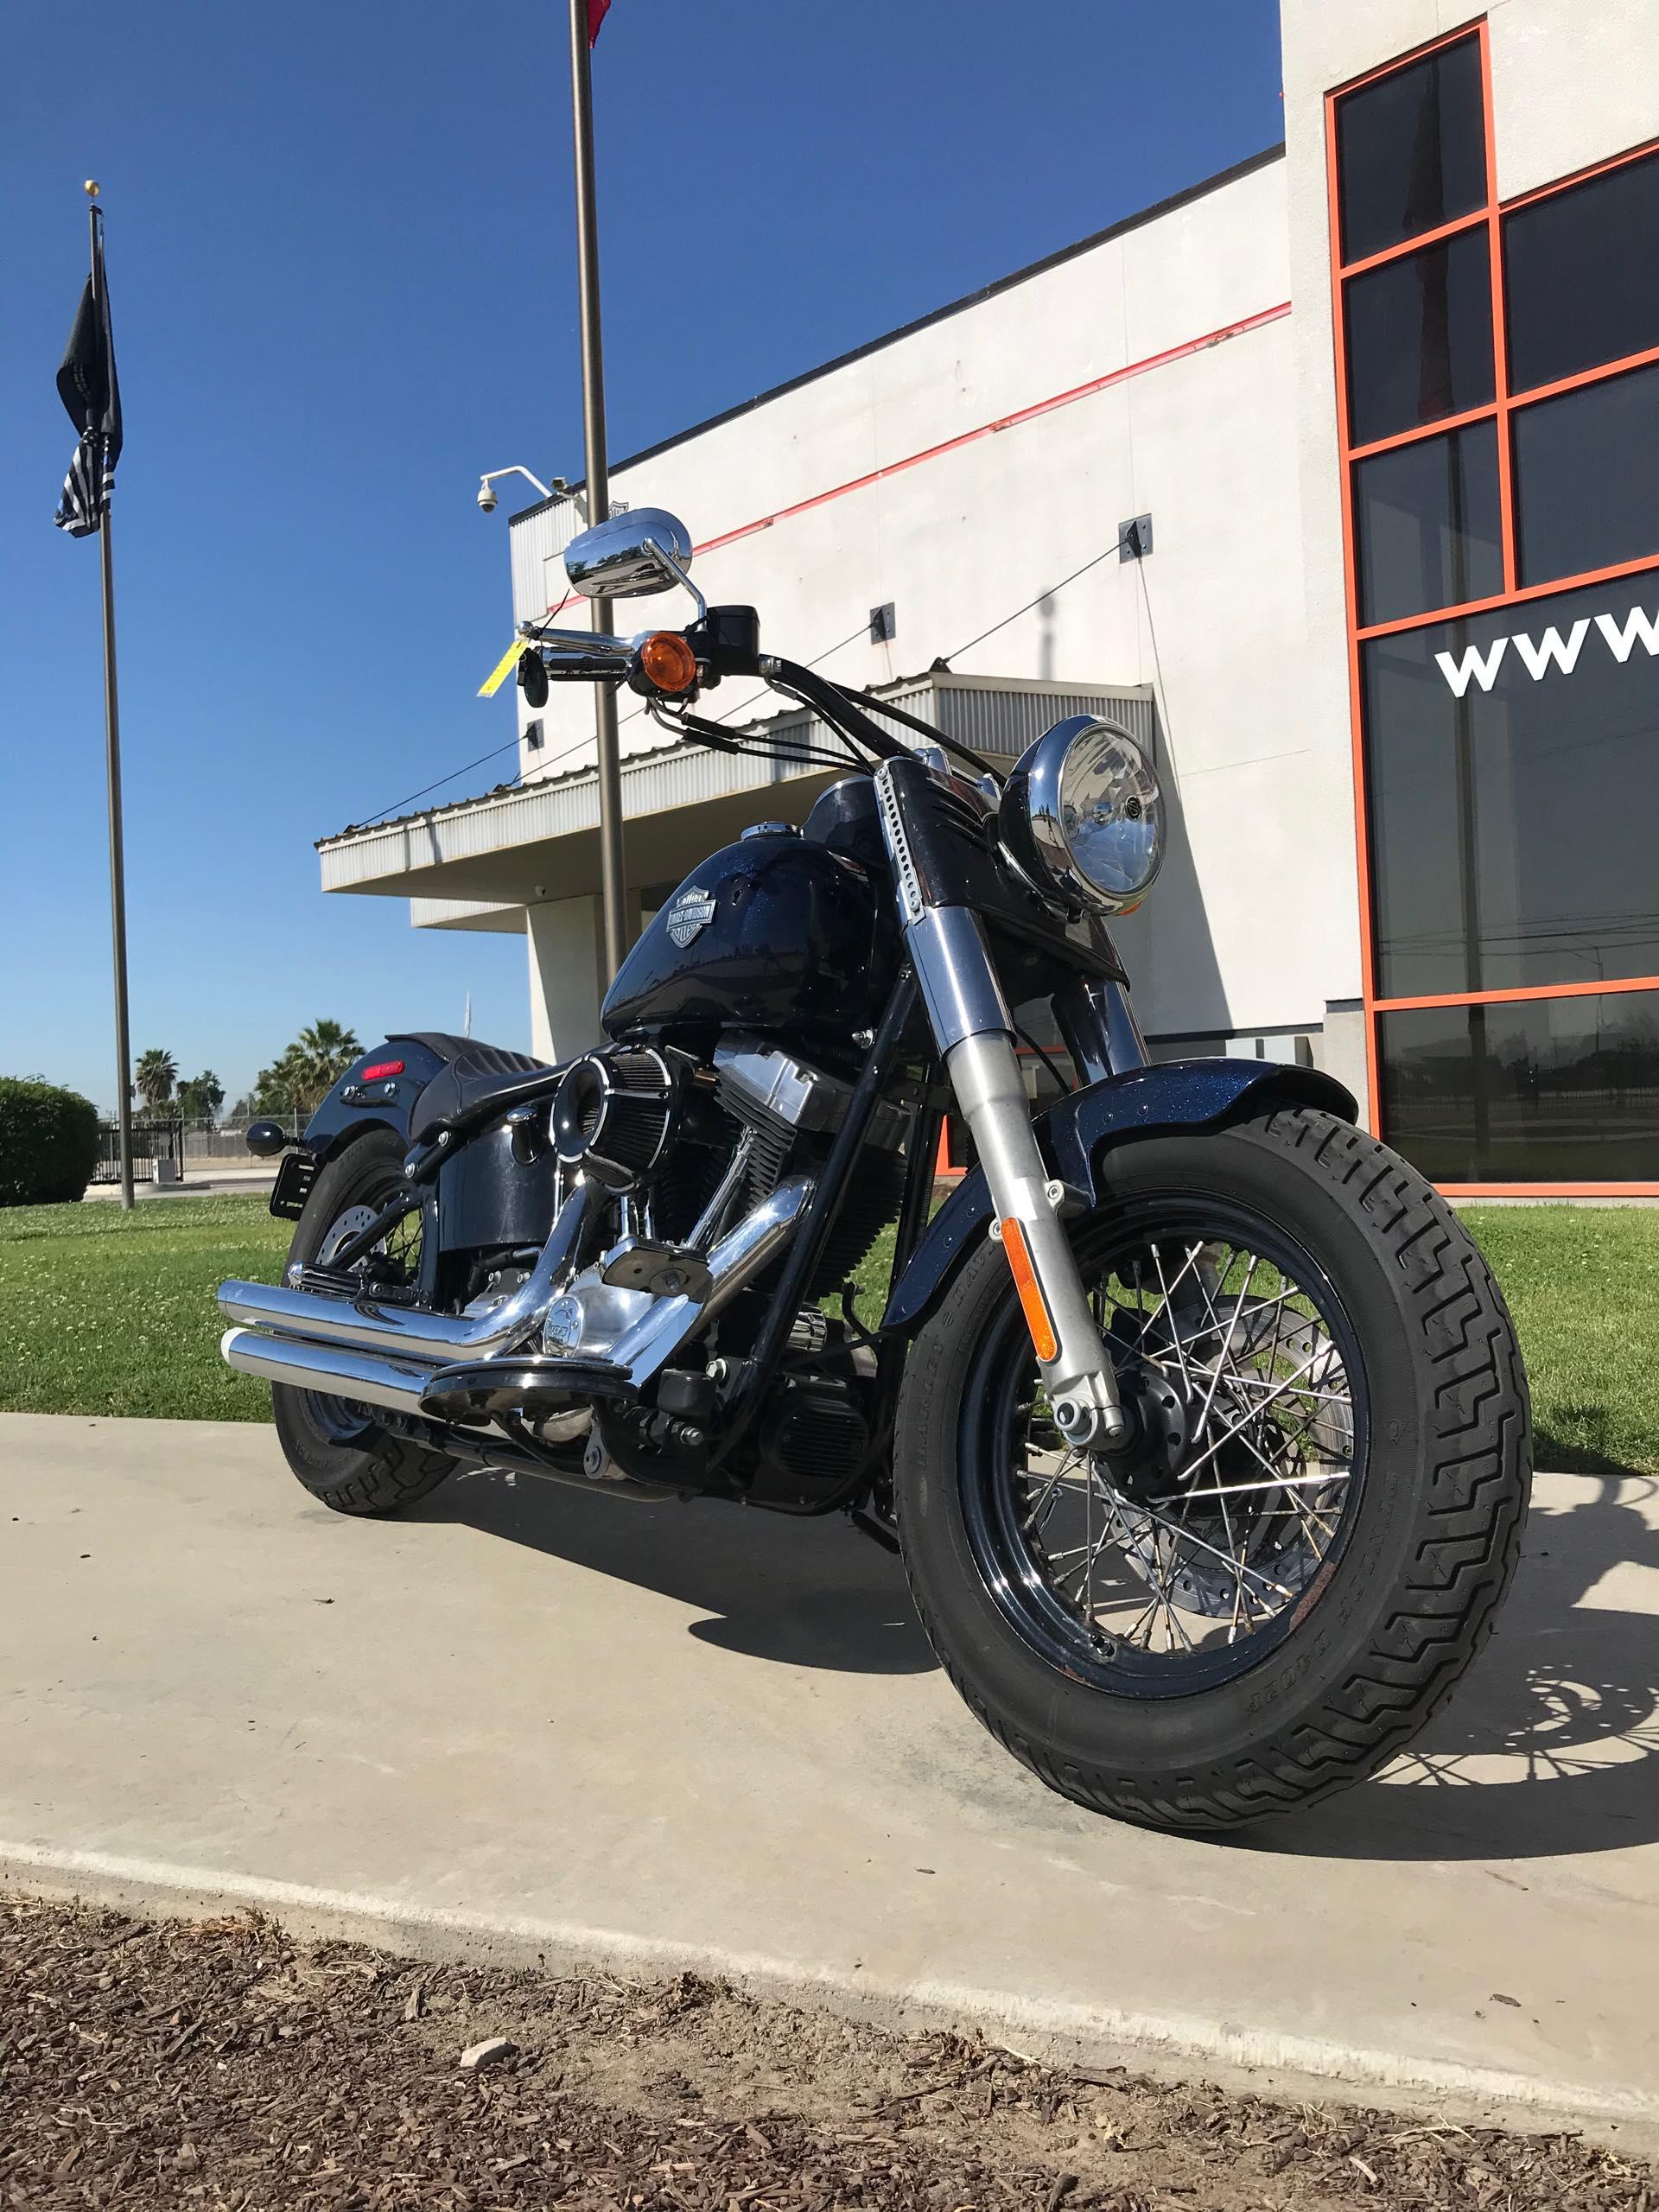 2013 Harley-Davidson Softail Slim at Visalia Harley-Davidson